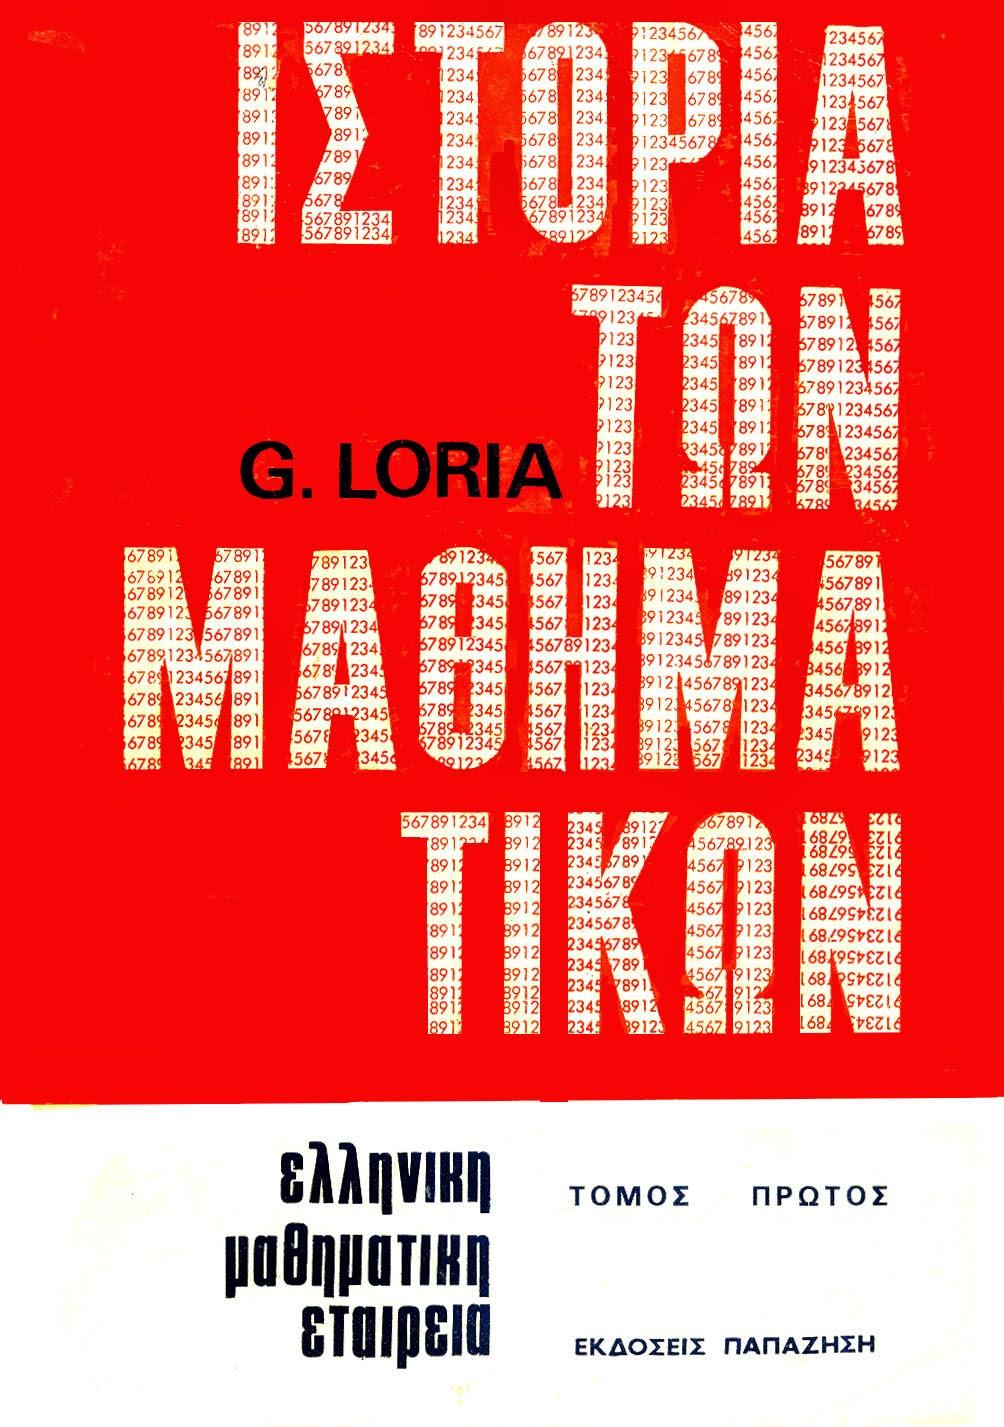 Ιστορία μαθηματικων G. LORIA.